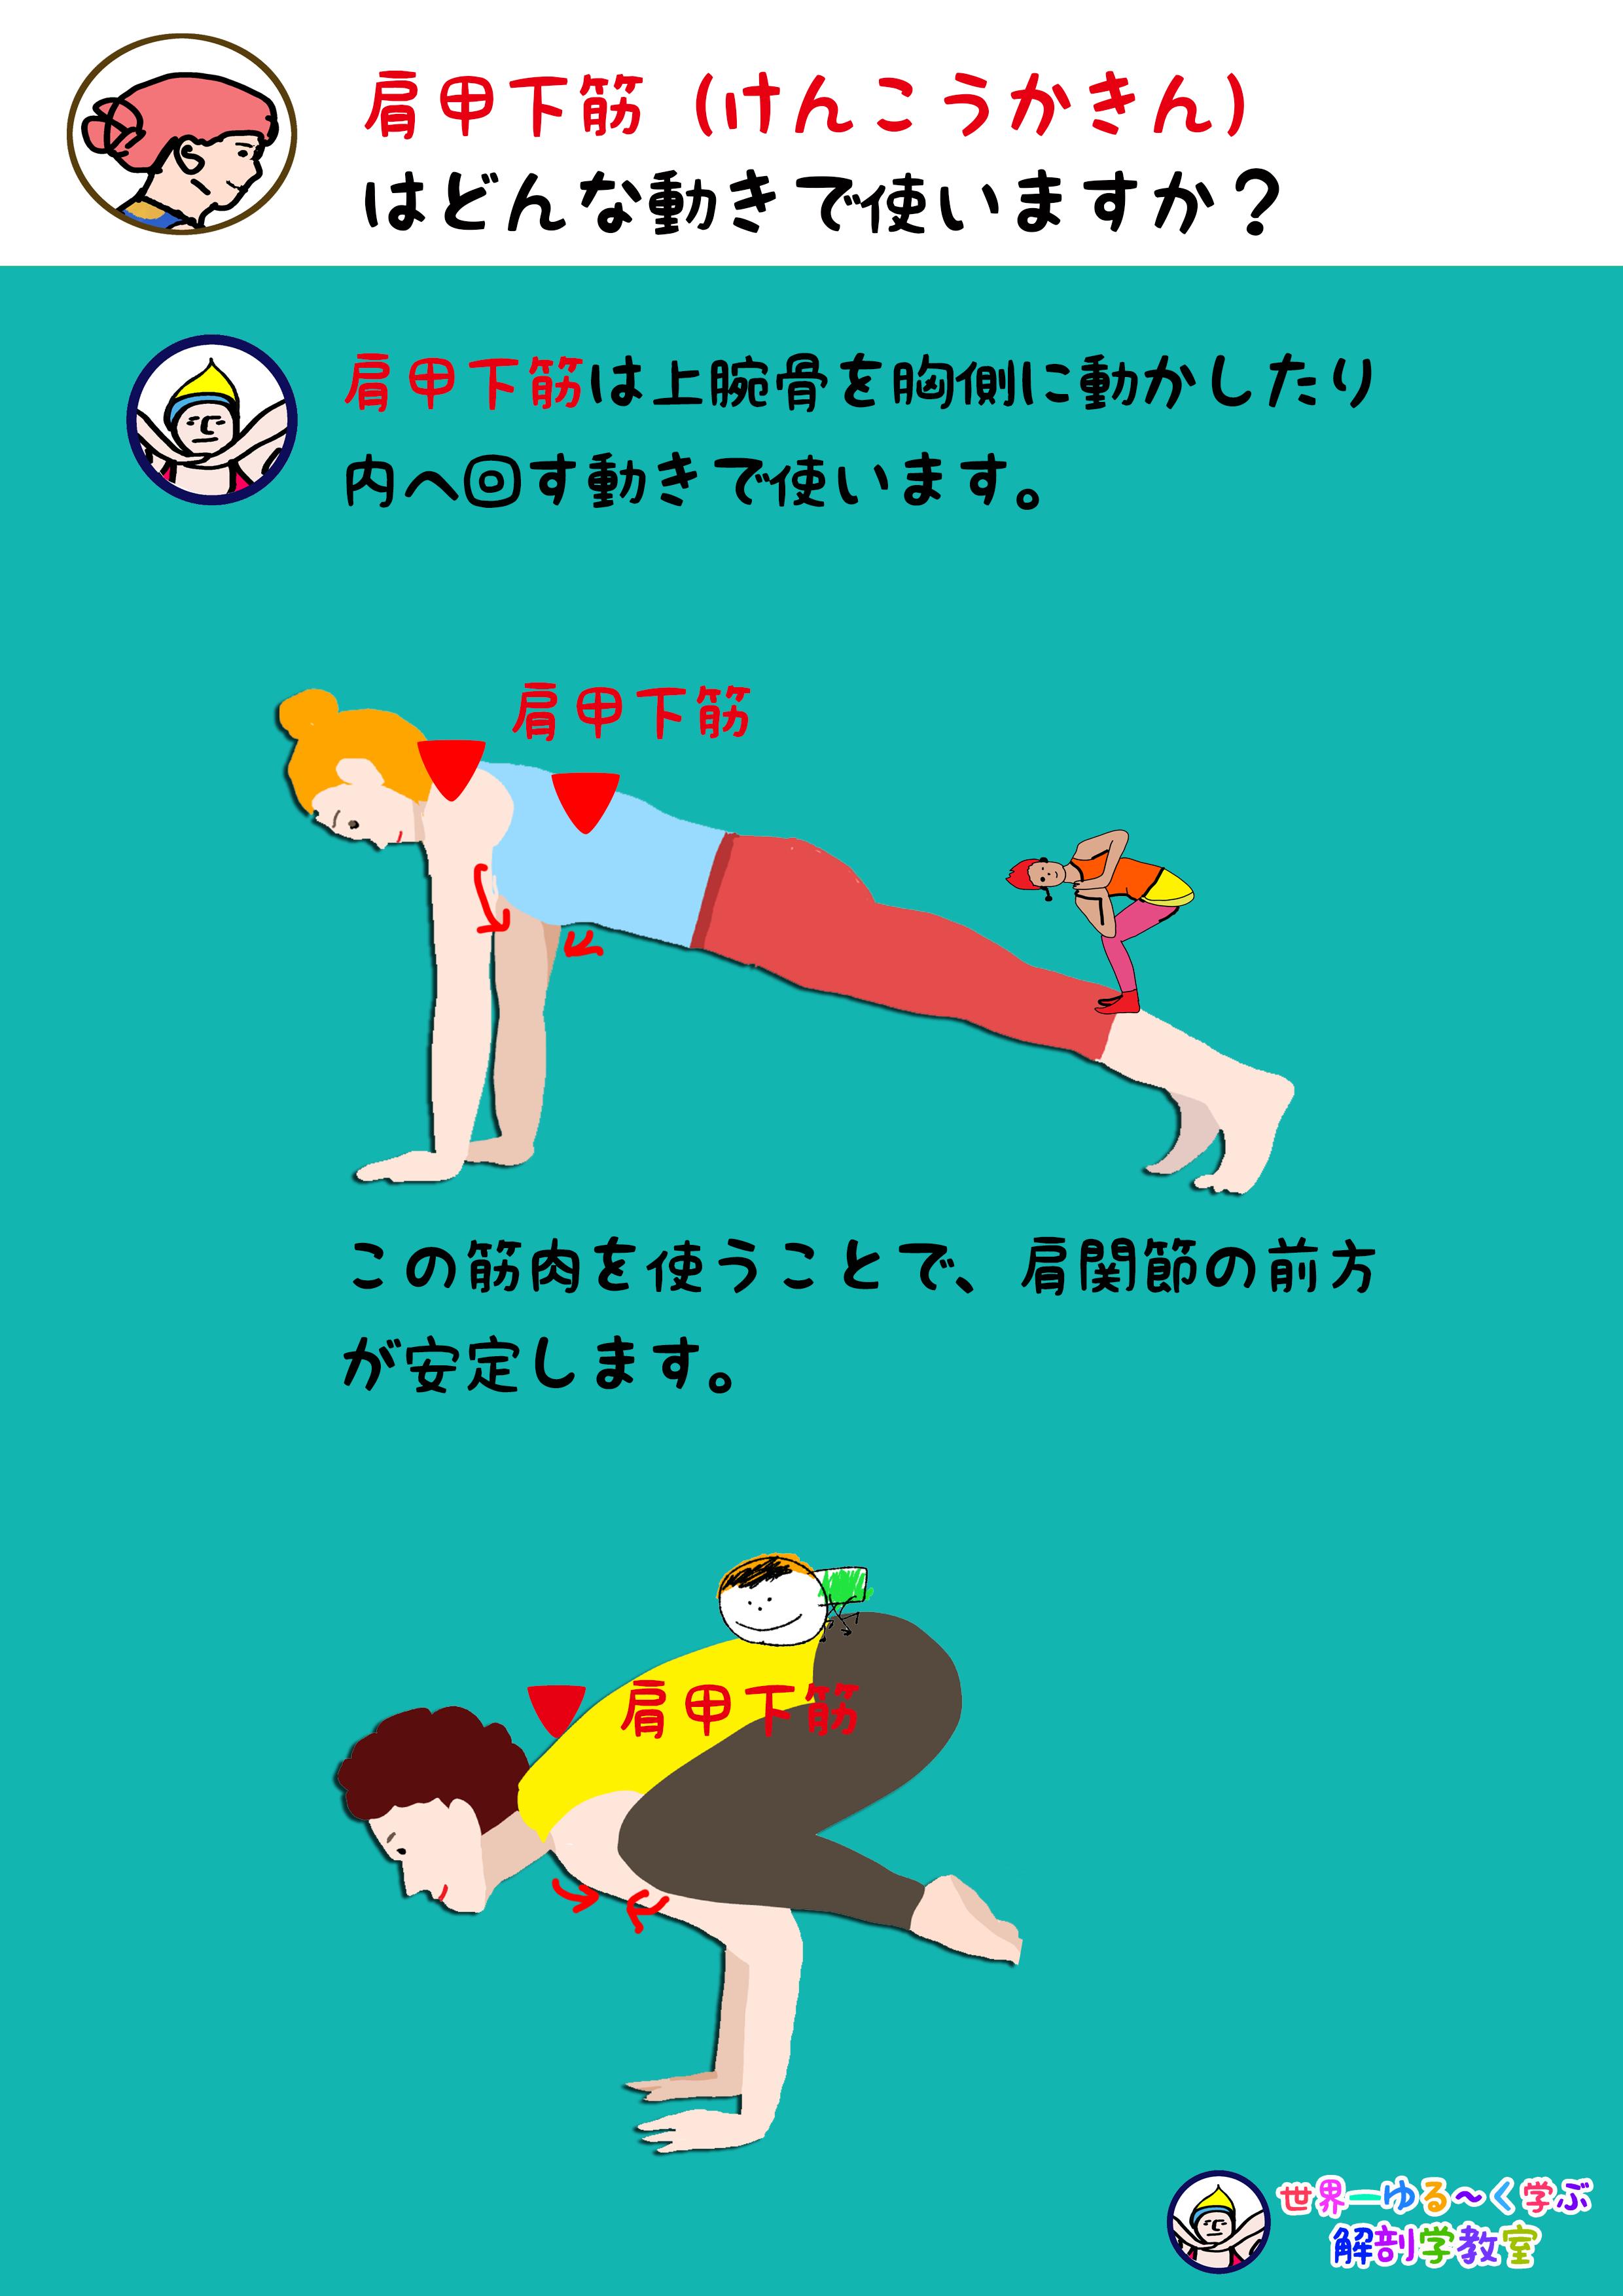 肩甲下筋を使う動き